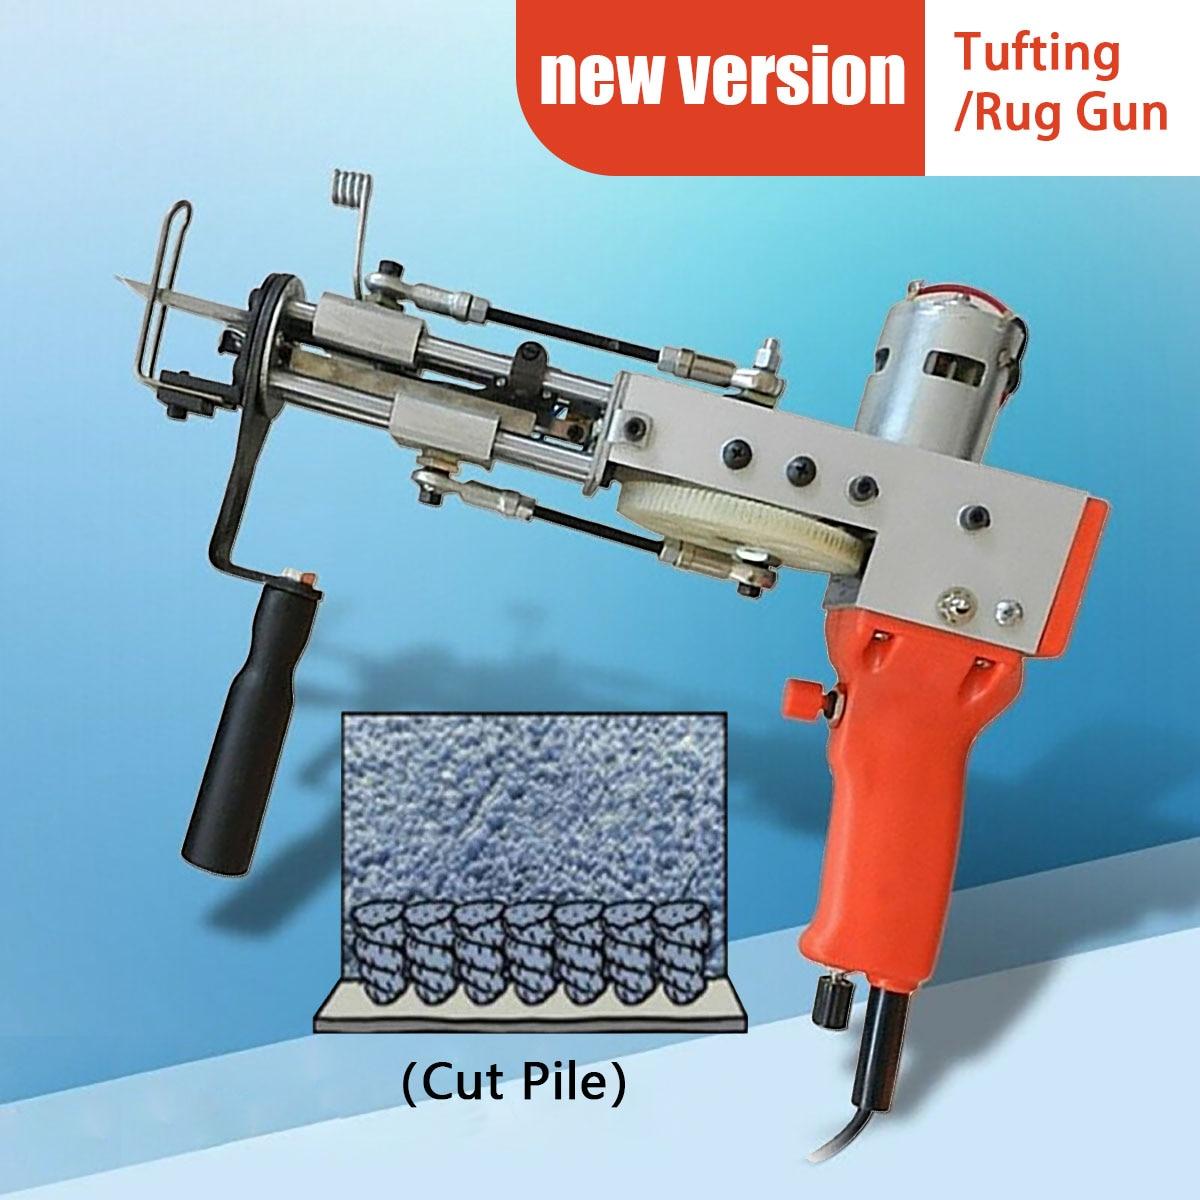 Máquina de Confecção de Malhas Industrial do Bordado para a Pilha do Corte Tufting a Arma do Tapete do Tapete Bonde Vermelho 110v Que